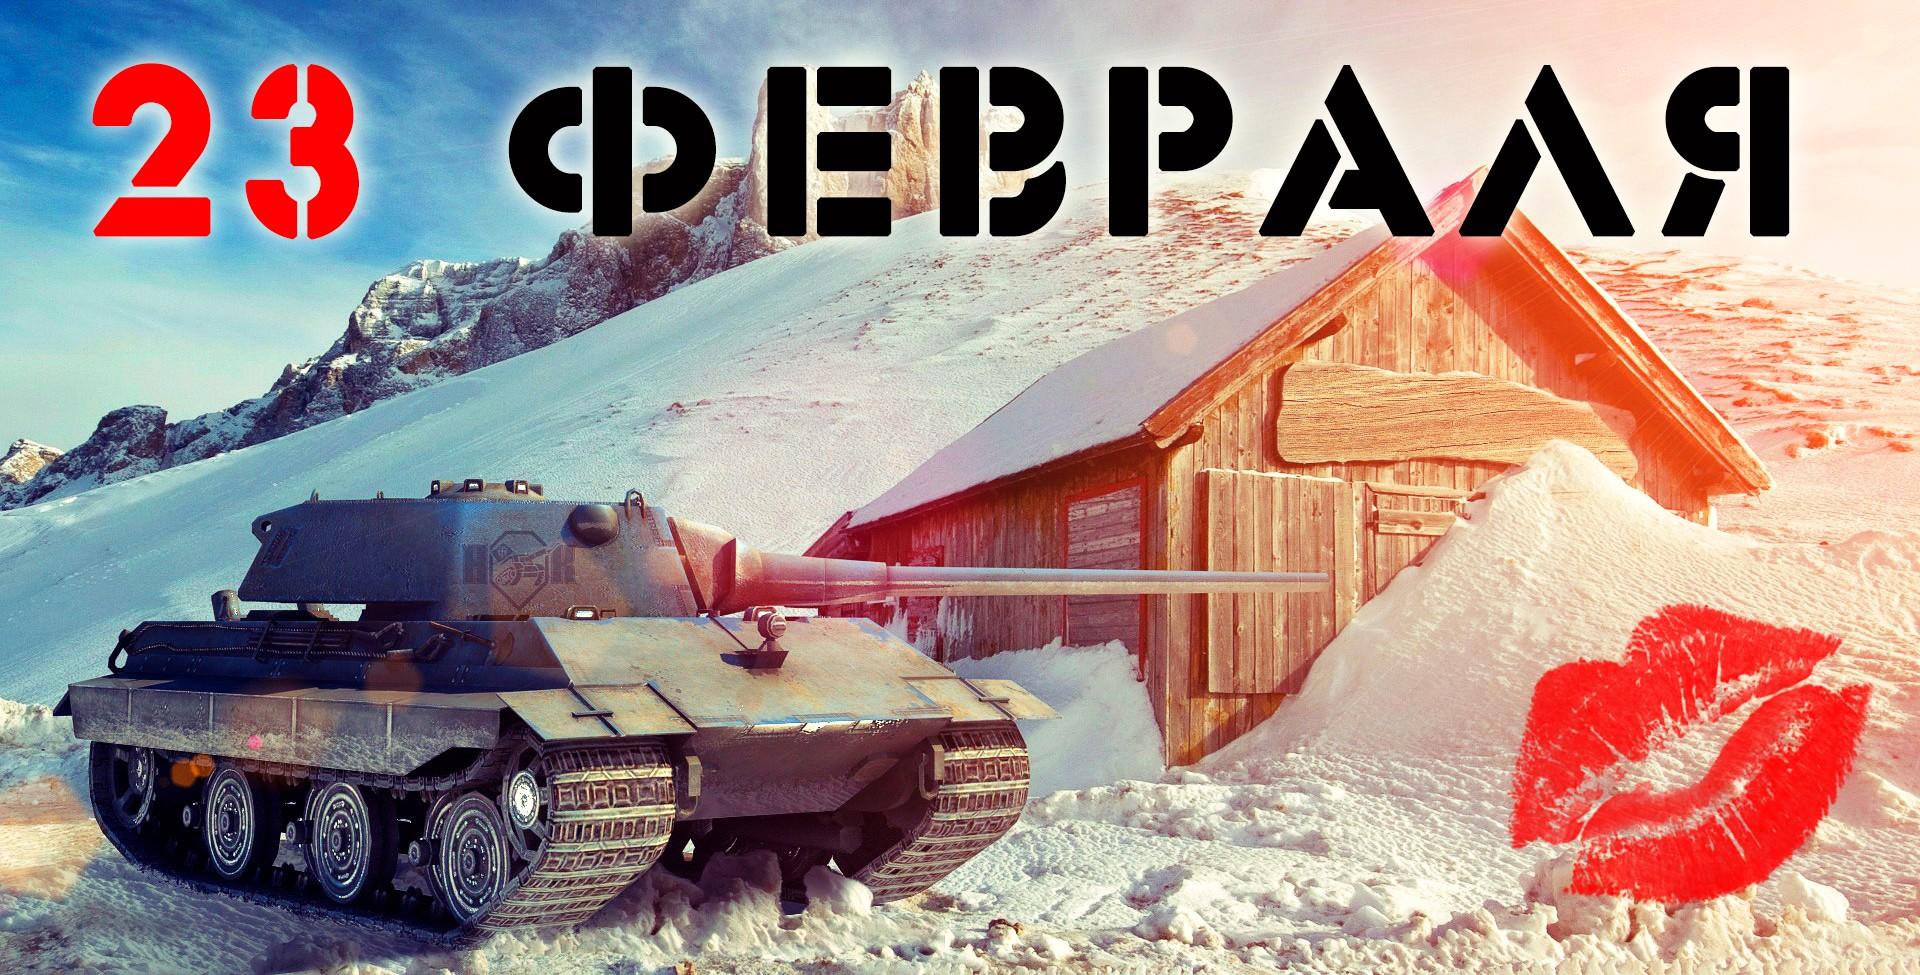 Подарок для мужчины на 23 февраля - Боевая поездка на БТР-80